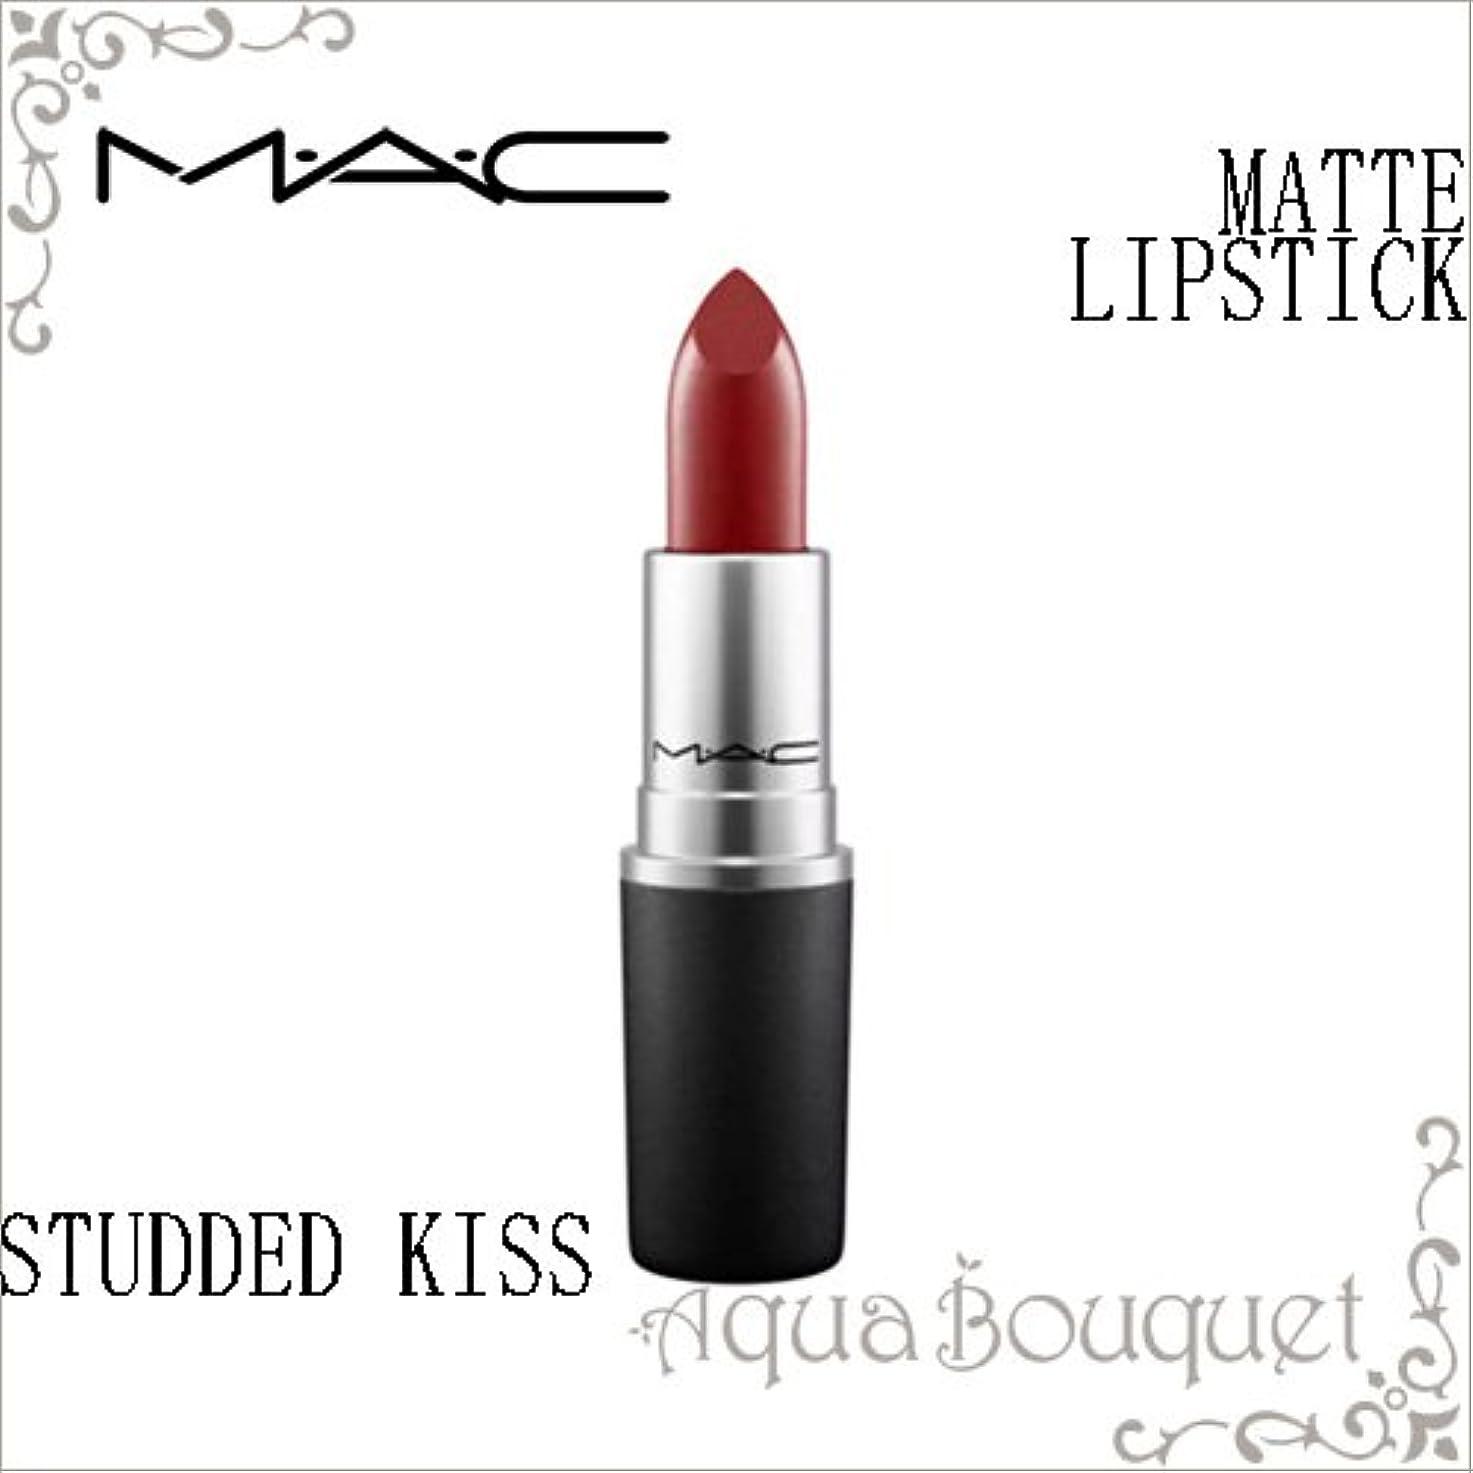 ブラケットサリーポータルマック(MAC) THE MATTE LIP リップスティックマット #スタディッド キス 3g [388325][並行輸入品]